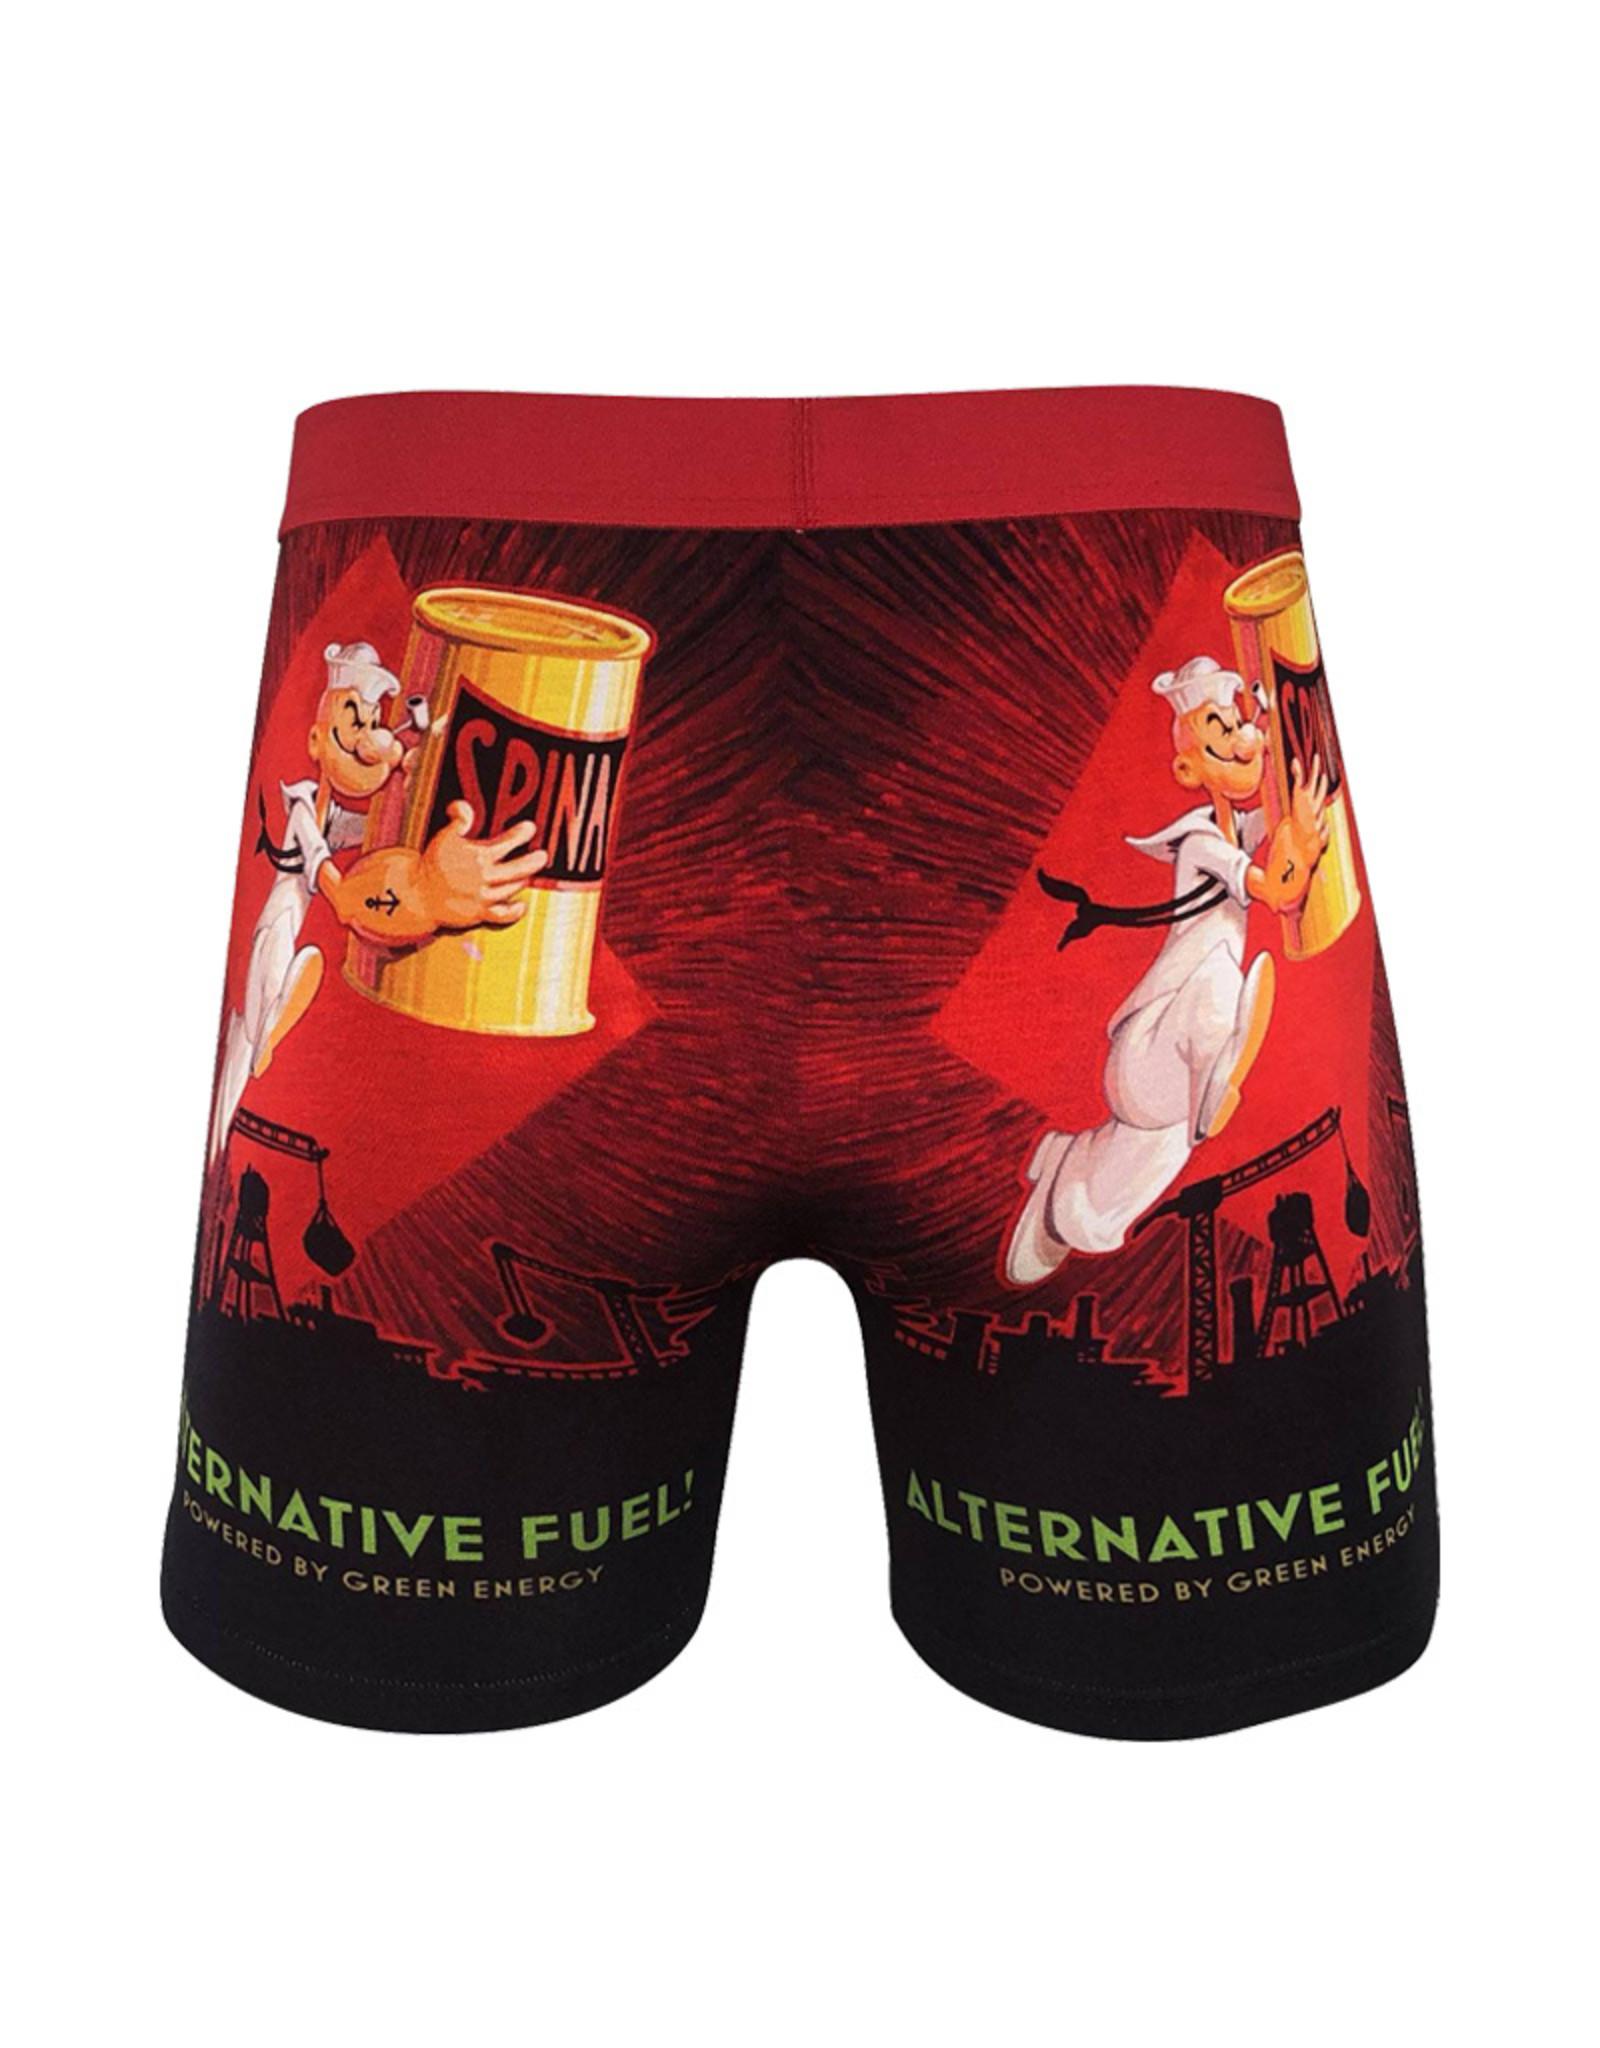 Boxer ( Good Luck Undies ) Popeye Alternative Fuel